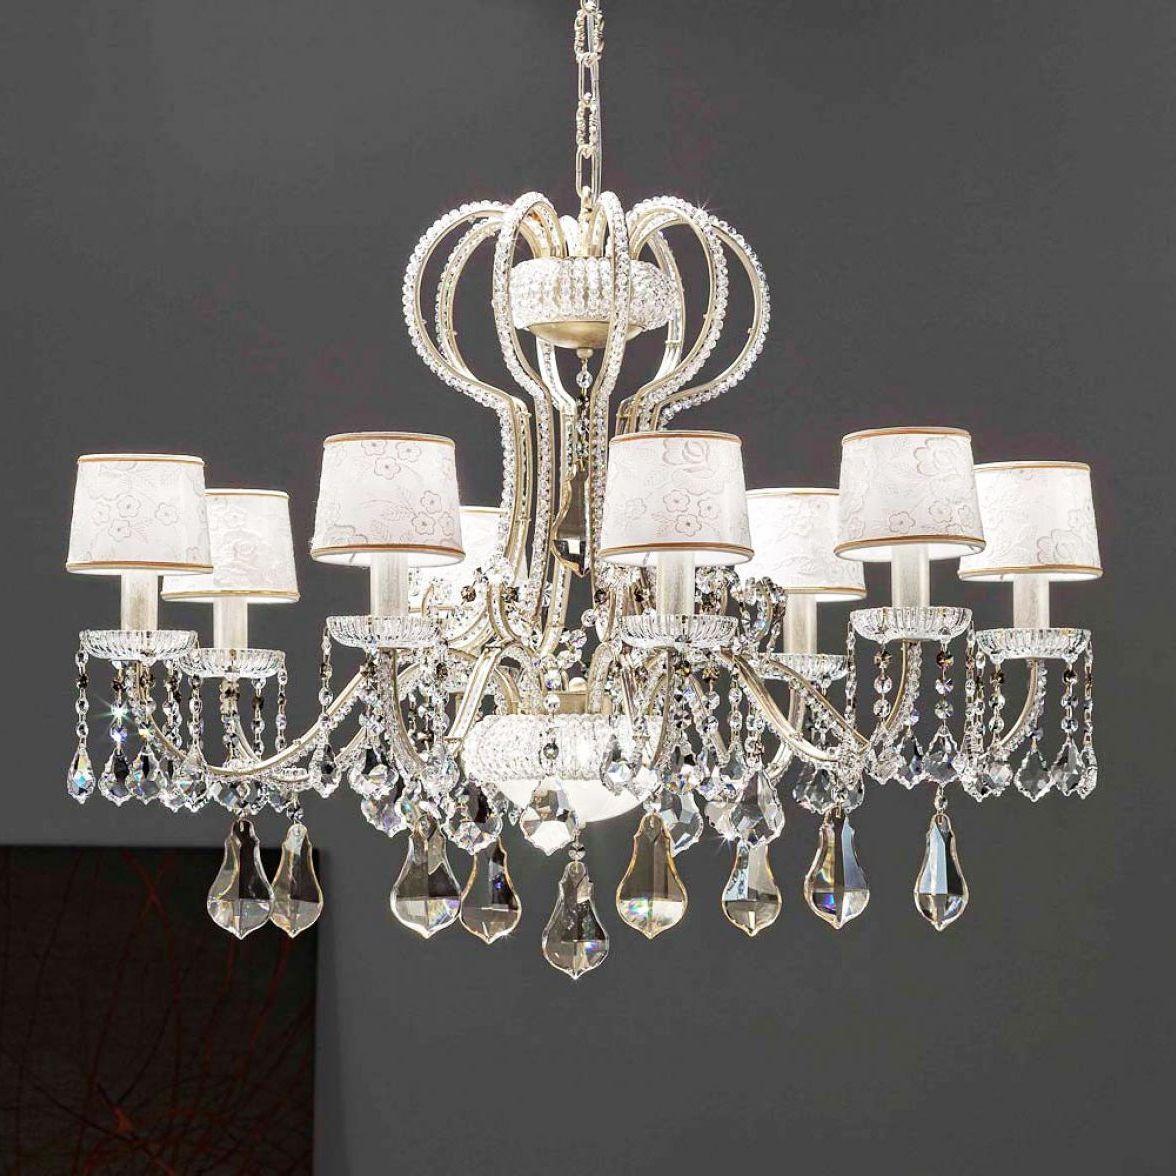 Gala chandelier